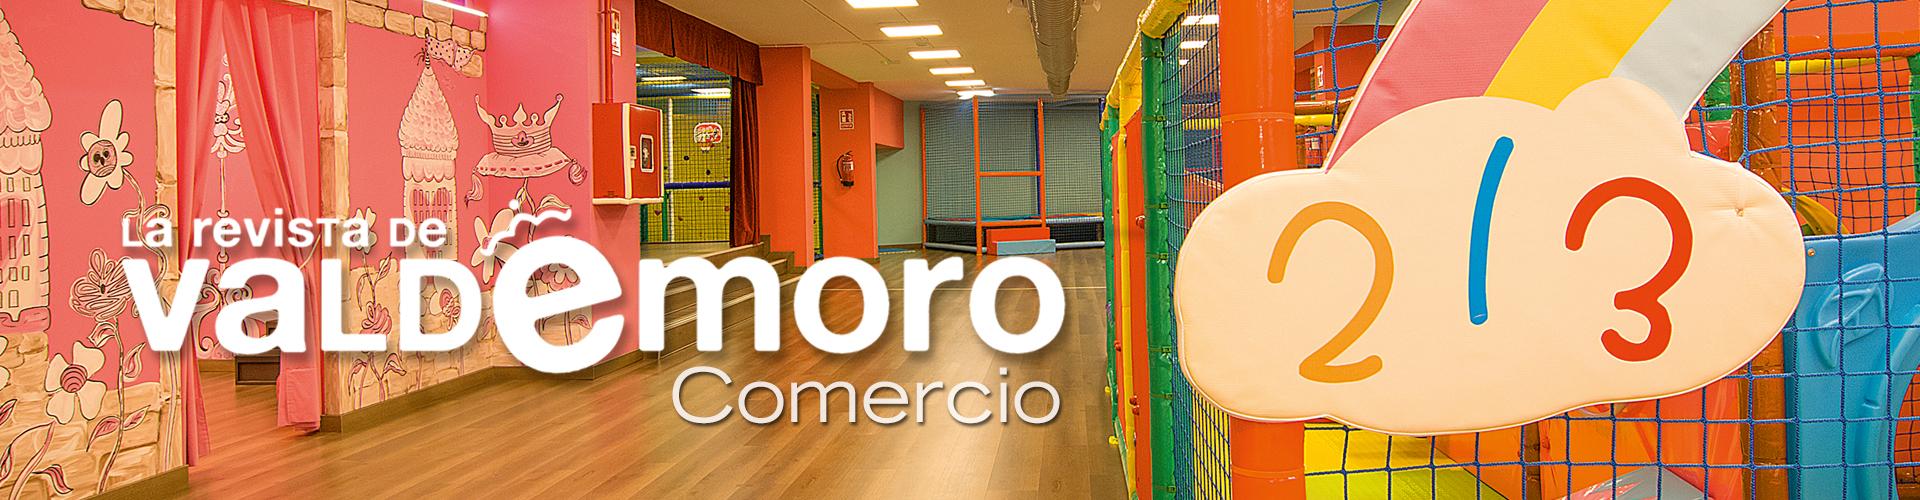 BANNER_COMERCIO